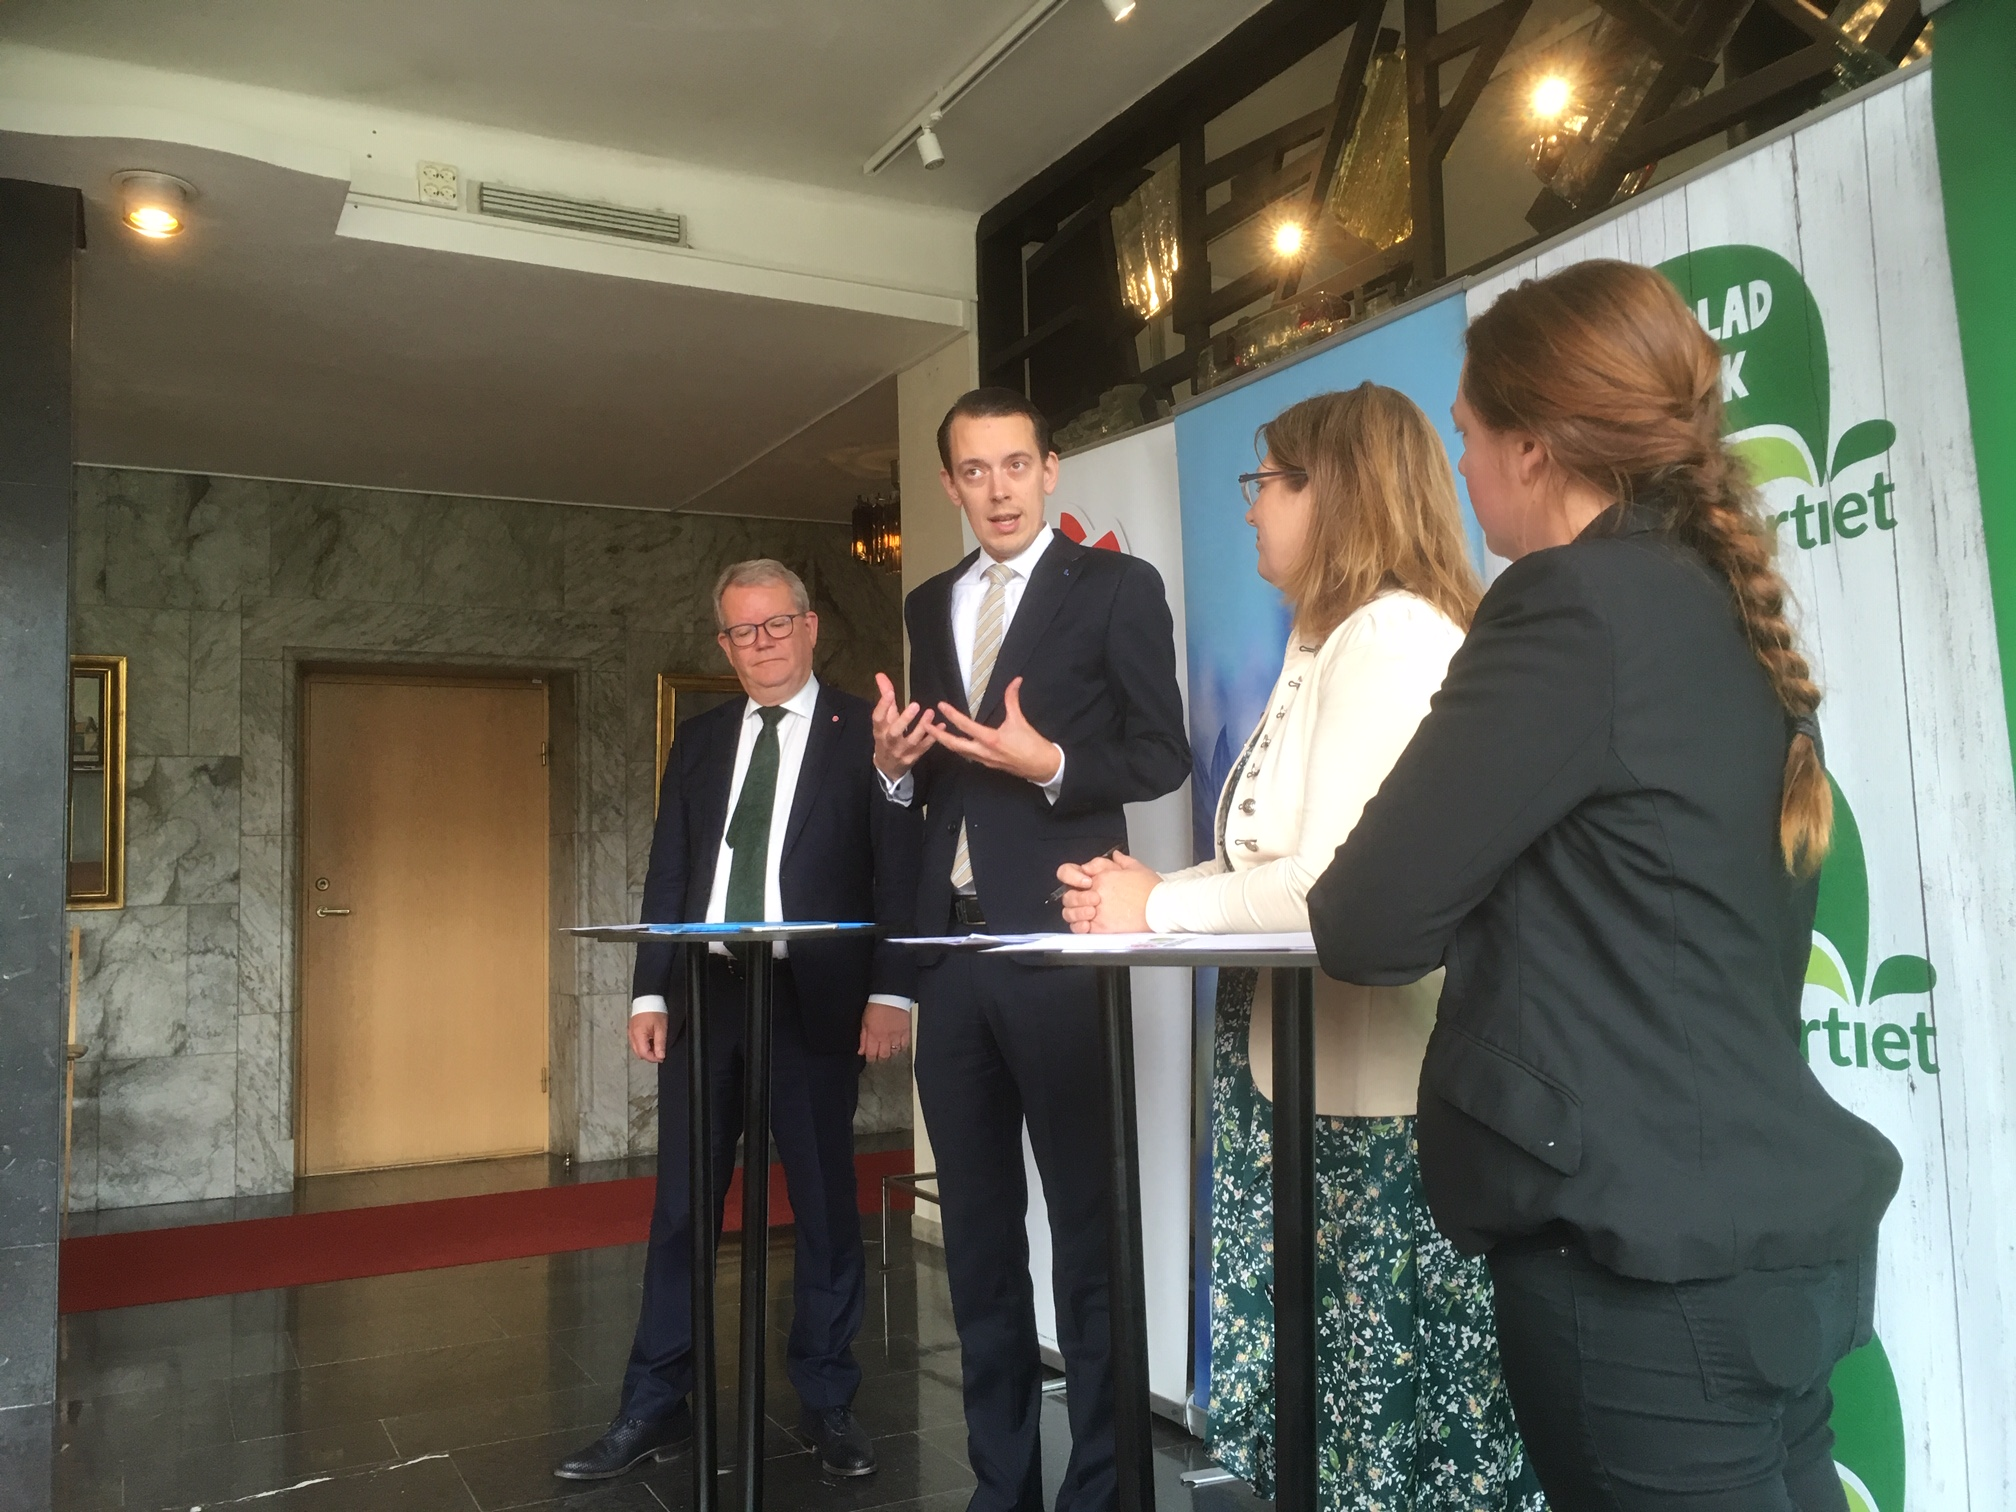 Västerås nya styre. Jesper Brandberg (L) lägger ut texen med Anders Teljebäck (S) till vänster samt Vicki Skure Eriksson (C) och Anna Thunell (MP) till höger.